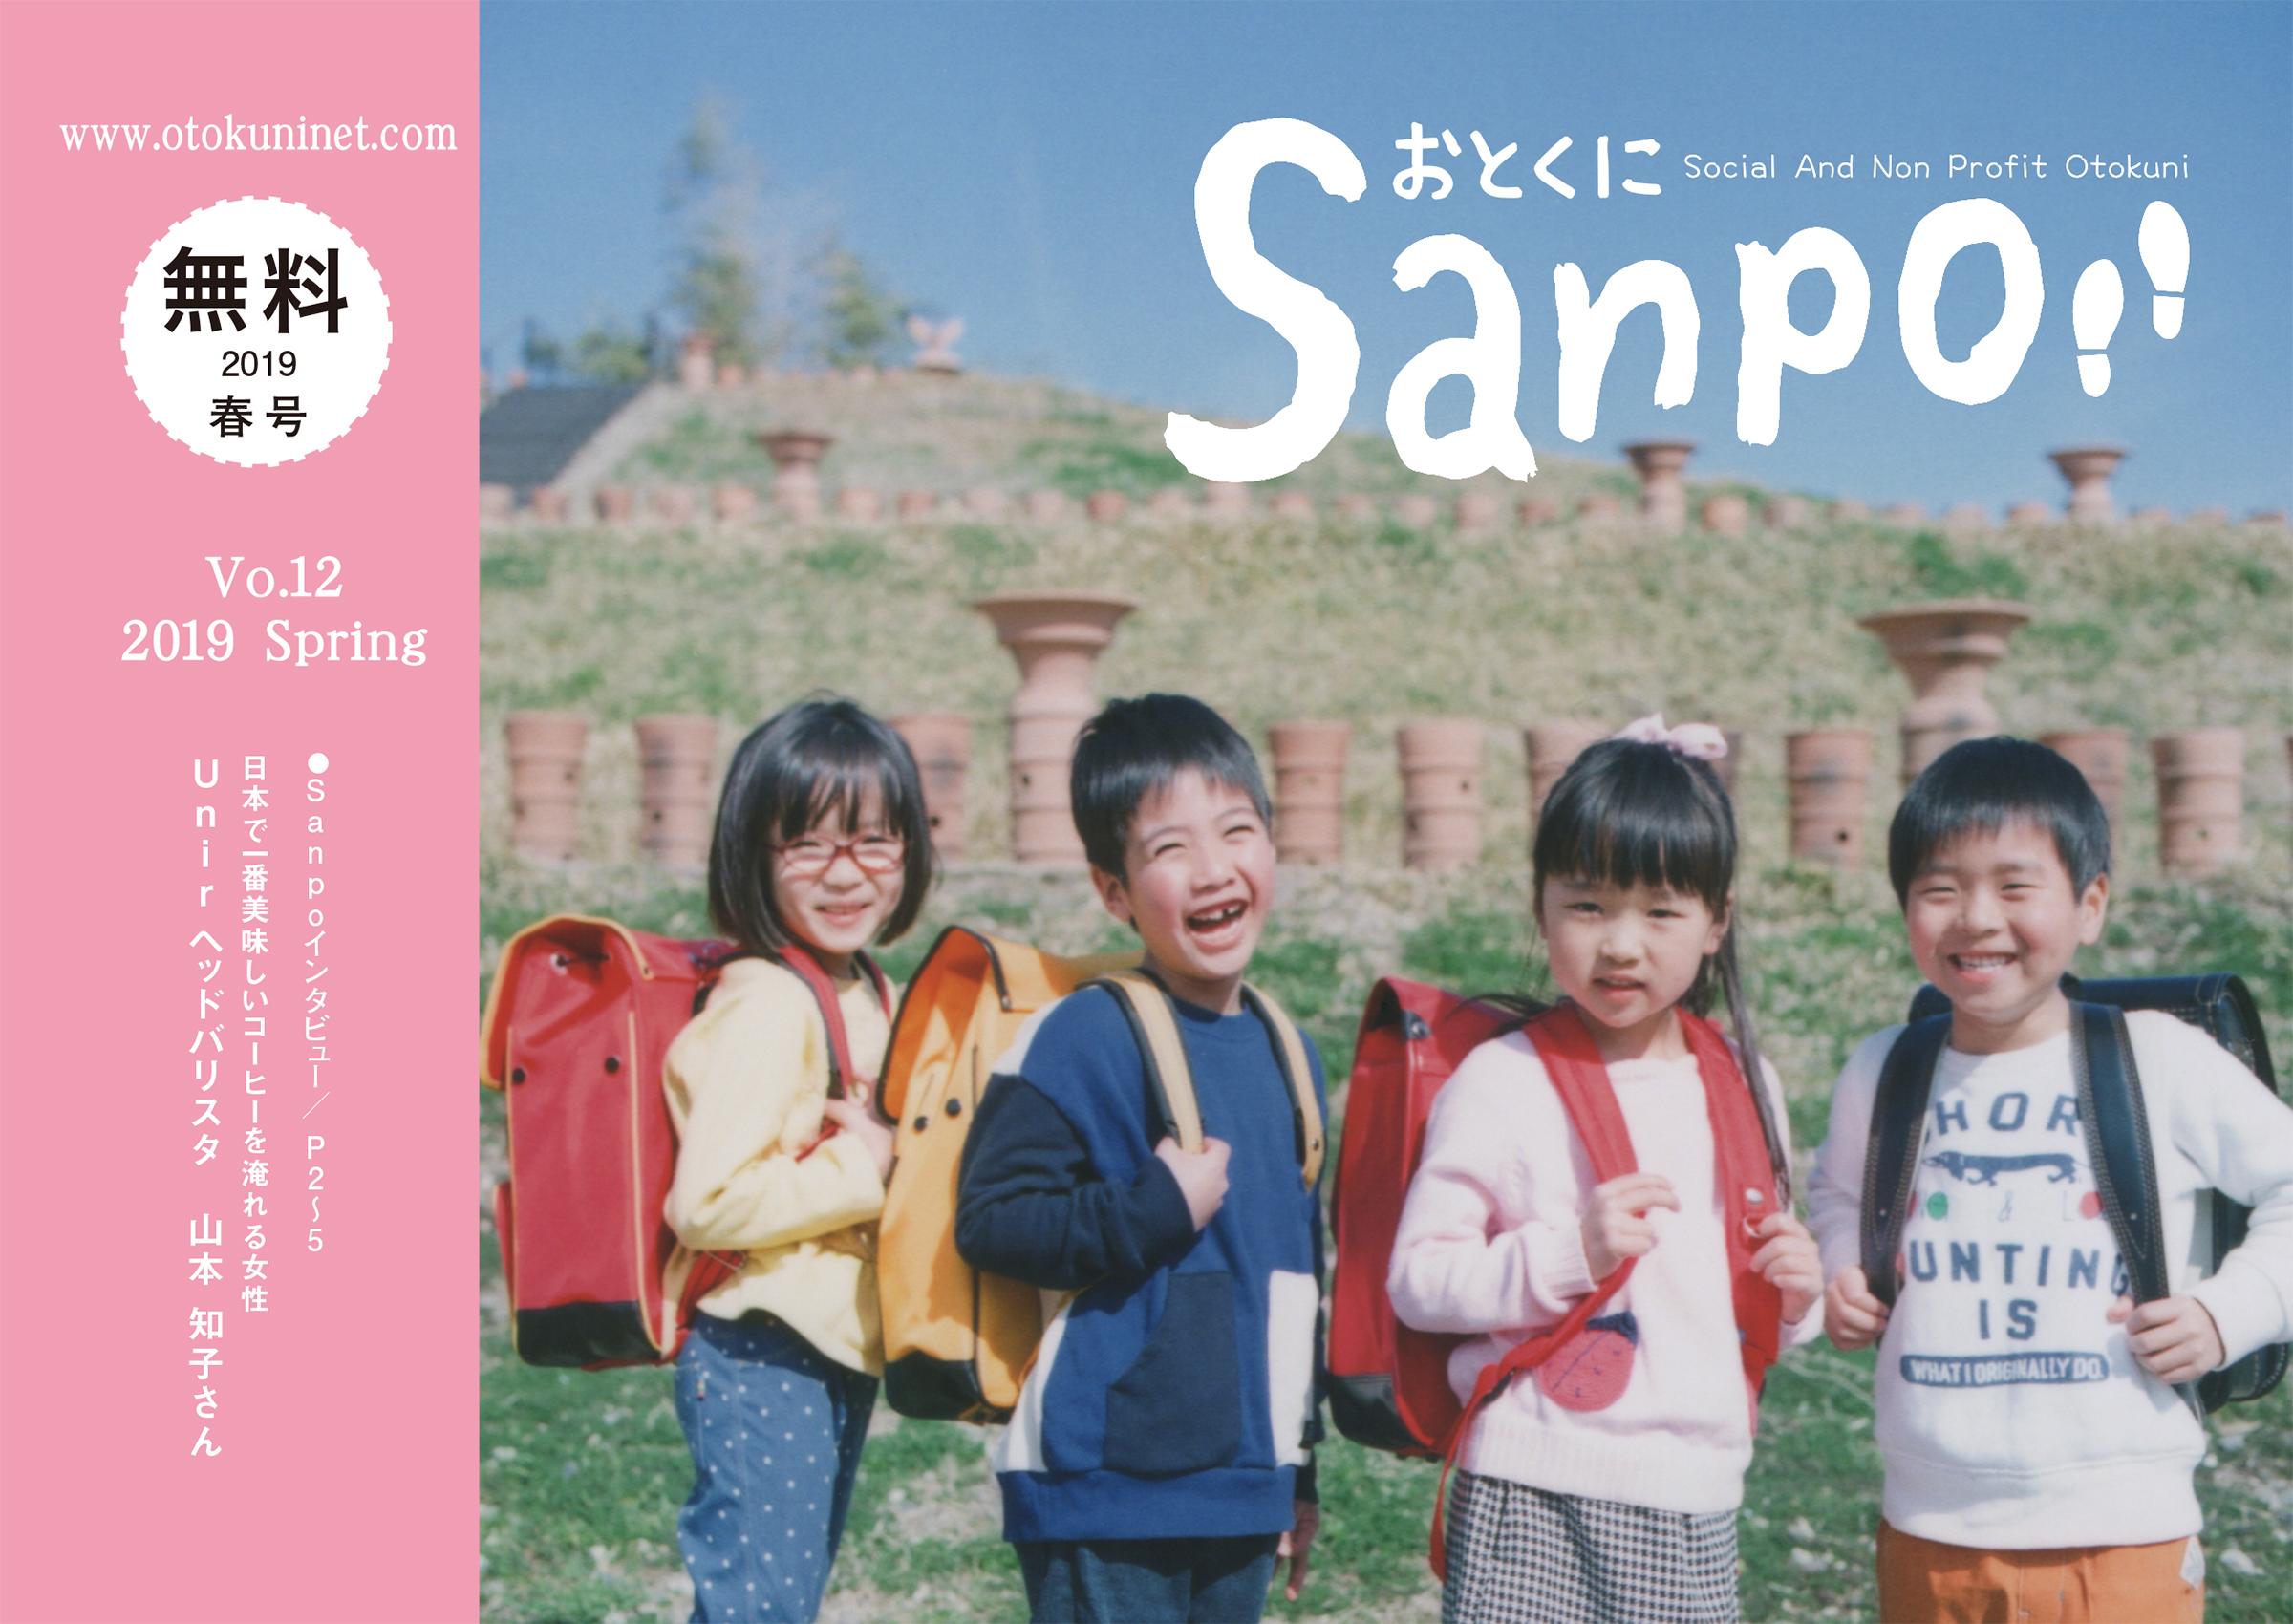 おとくにSanpo 2019年04/01 春号